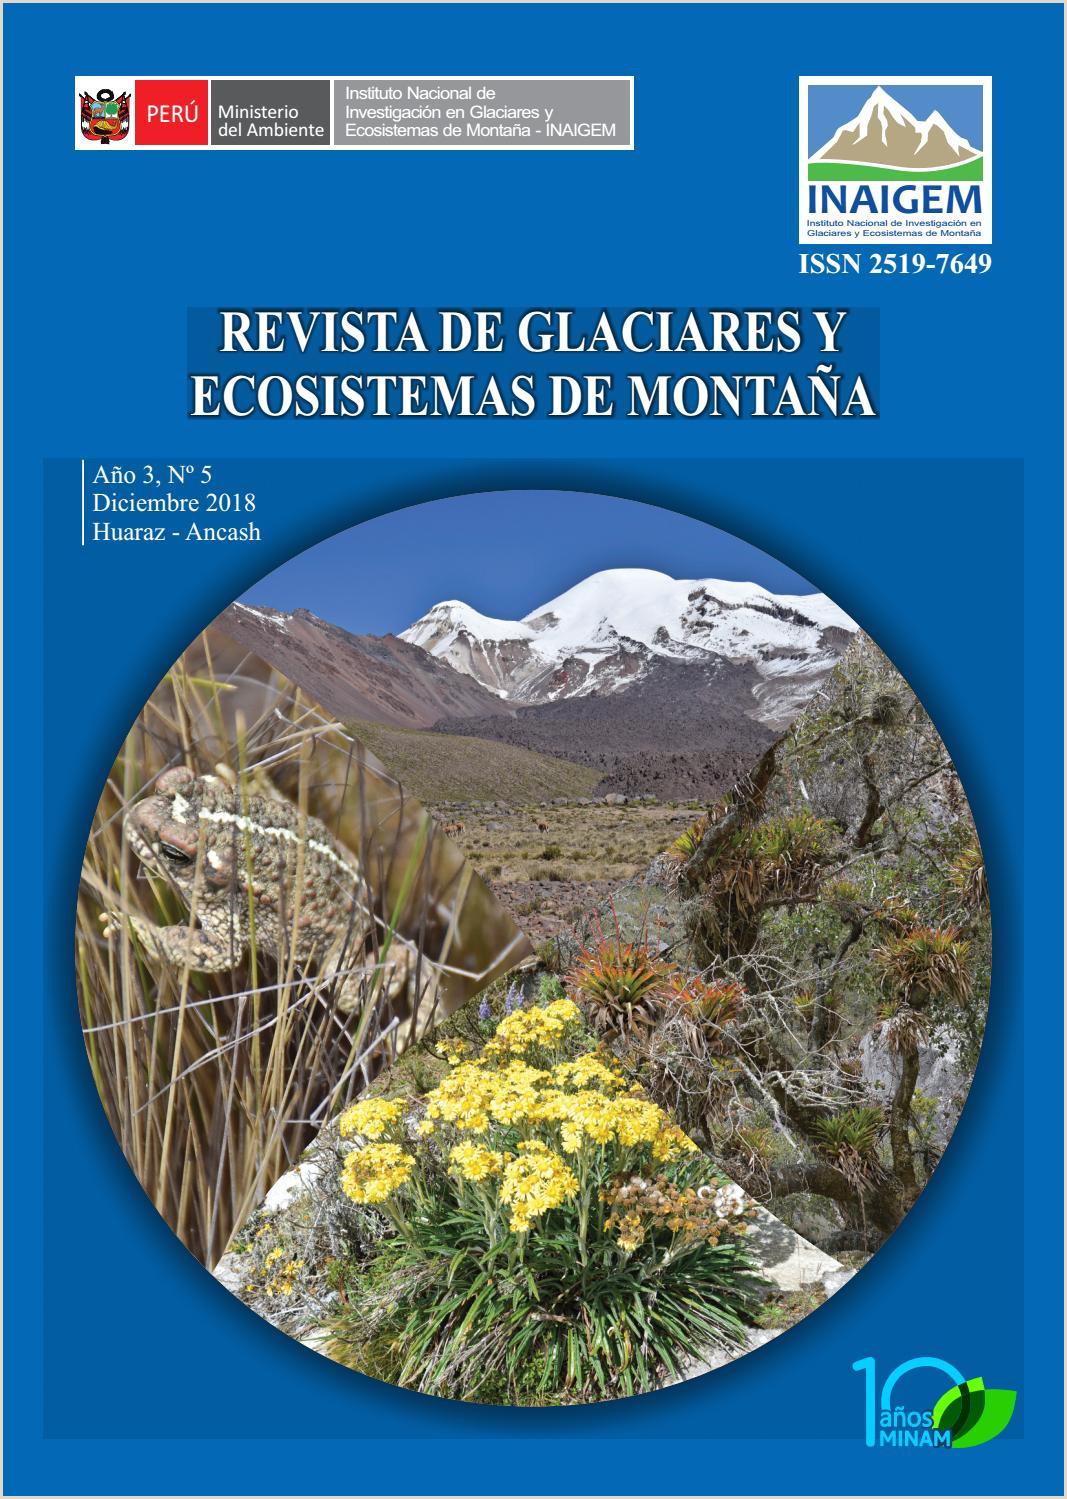 Formato Hoja De Vida Funcion Publica Word 2018 Revista De Glaciares Y Ecosistemas De Monta±a by Inaigem issuu